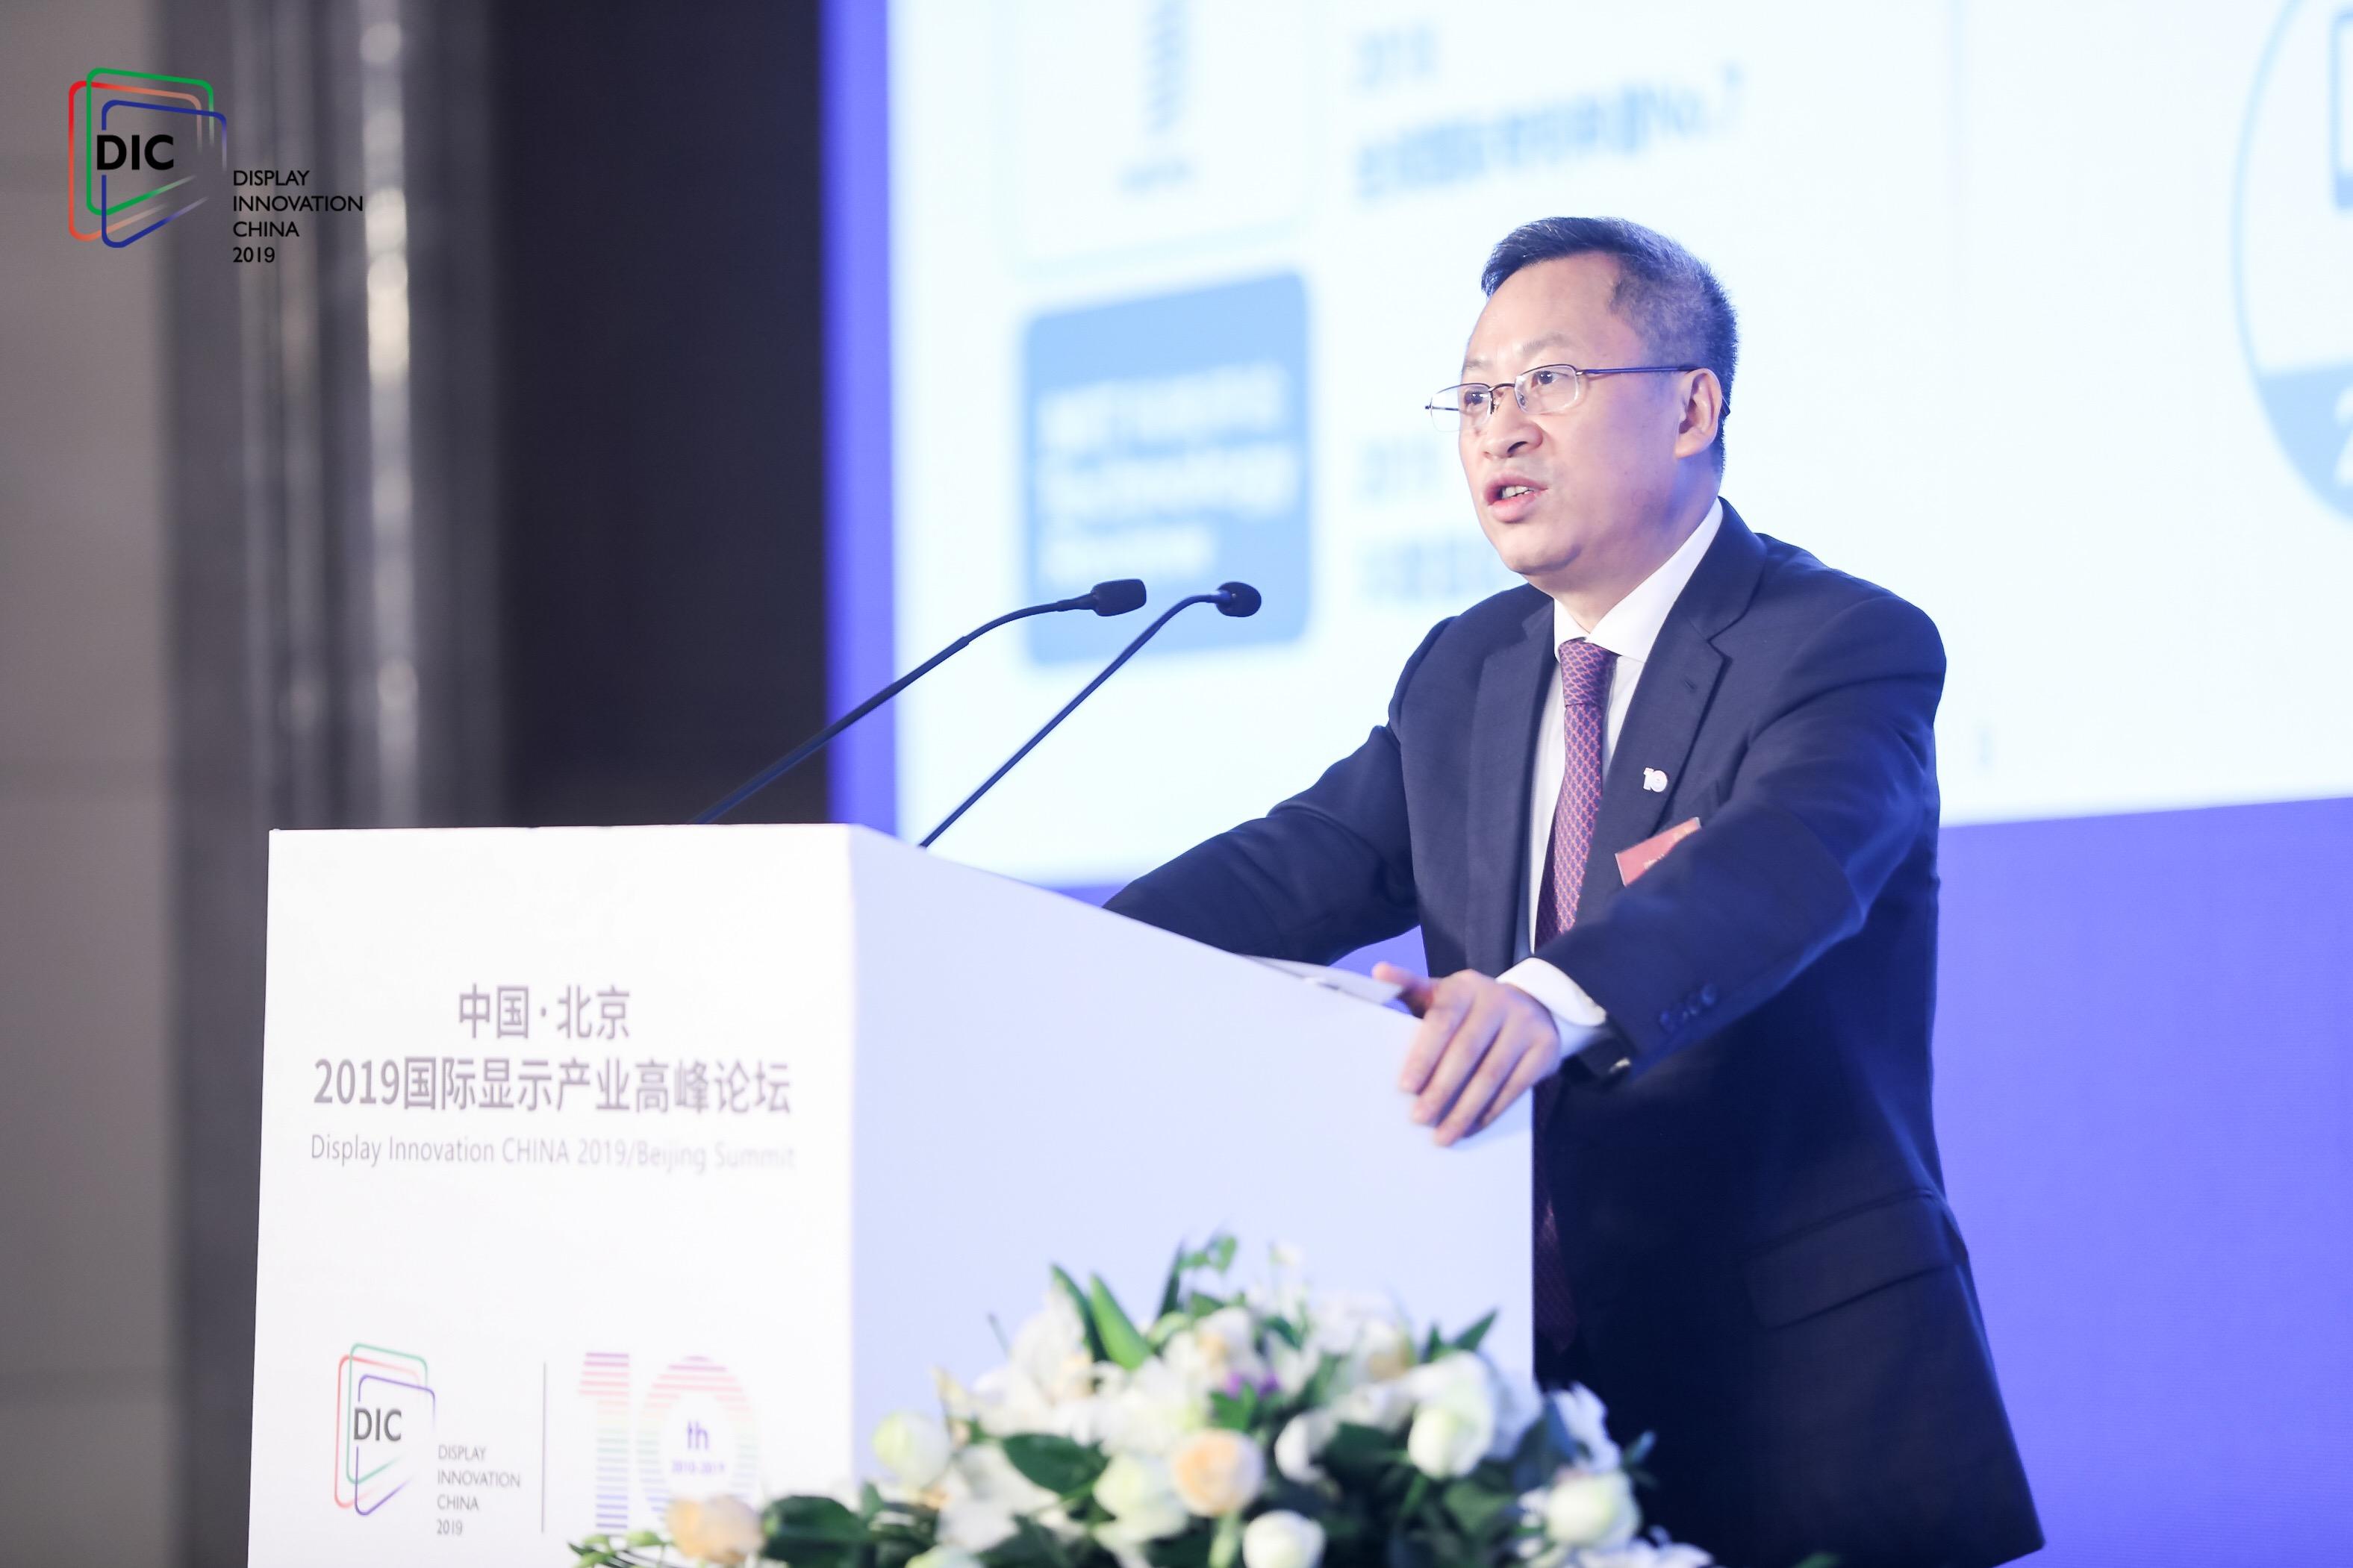 http://www.shangoudaohang.com/jinkou/225766.html